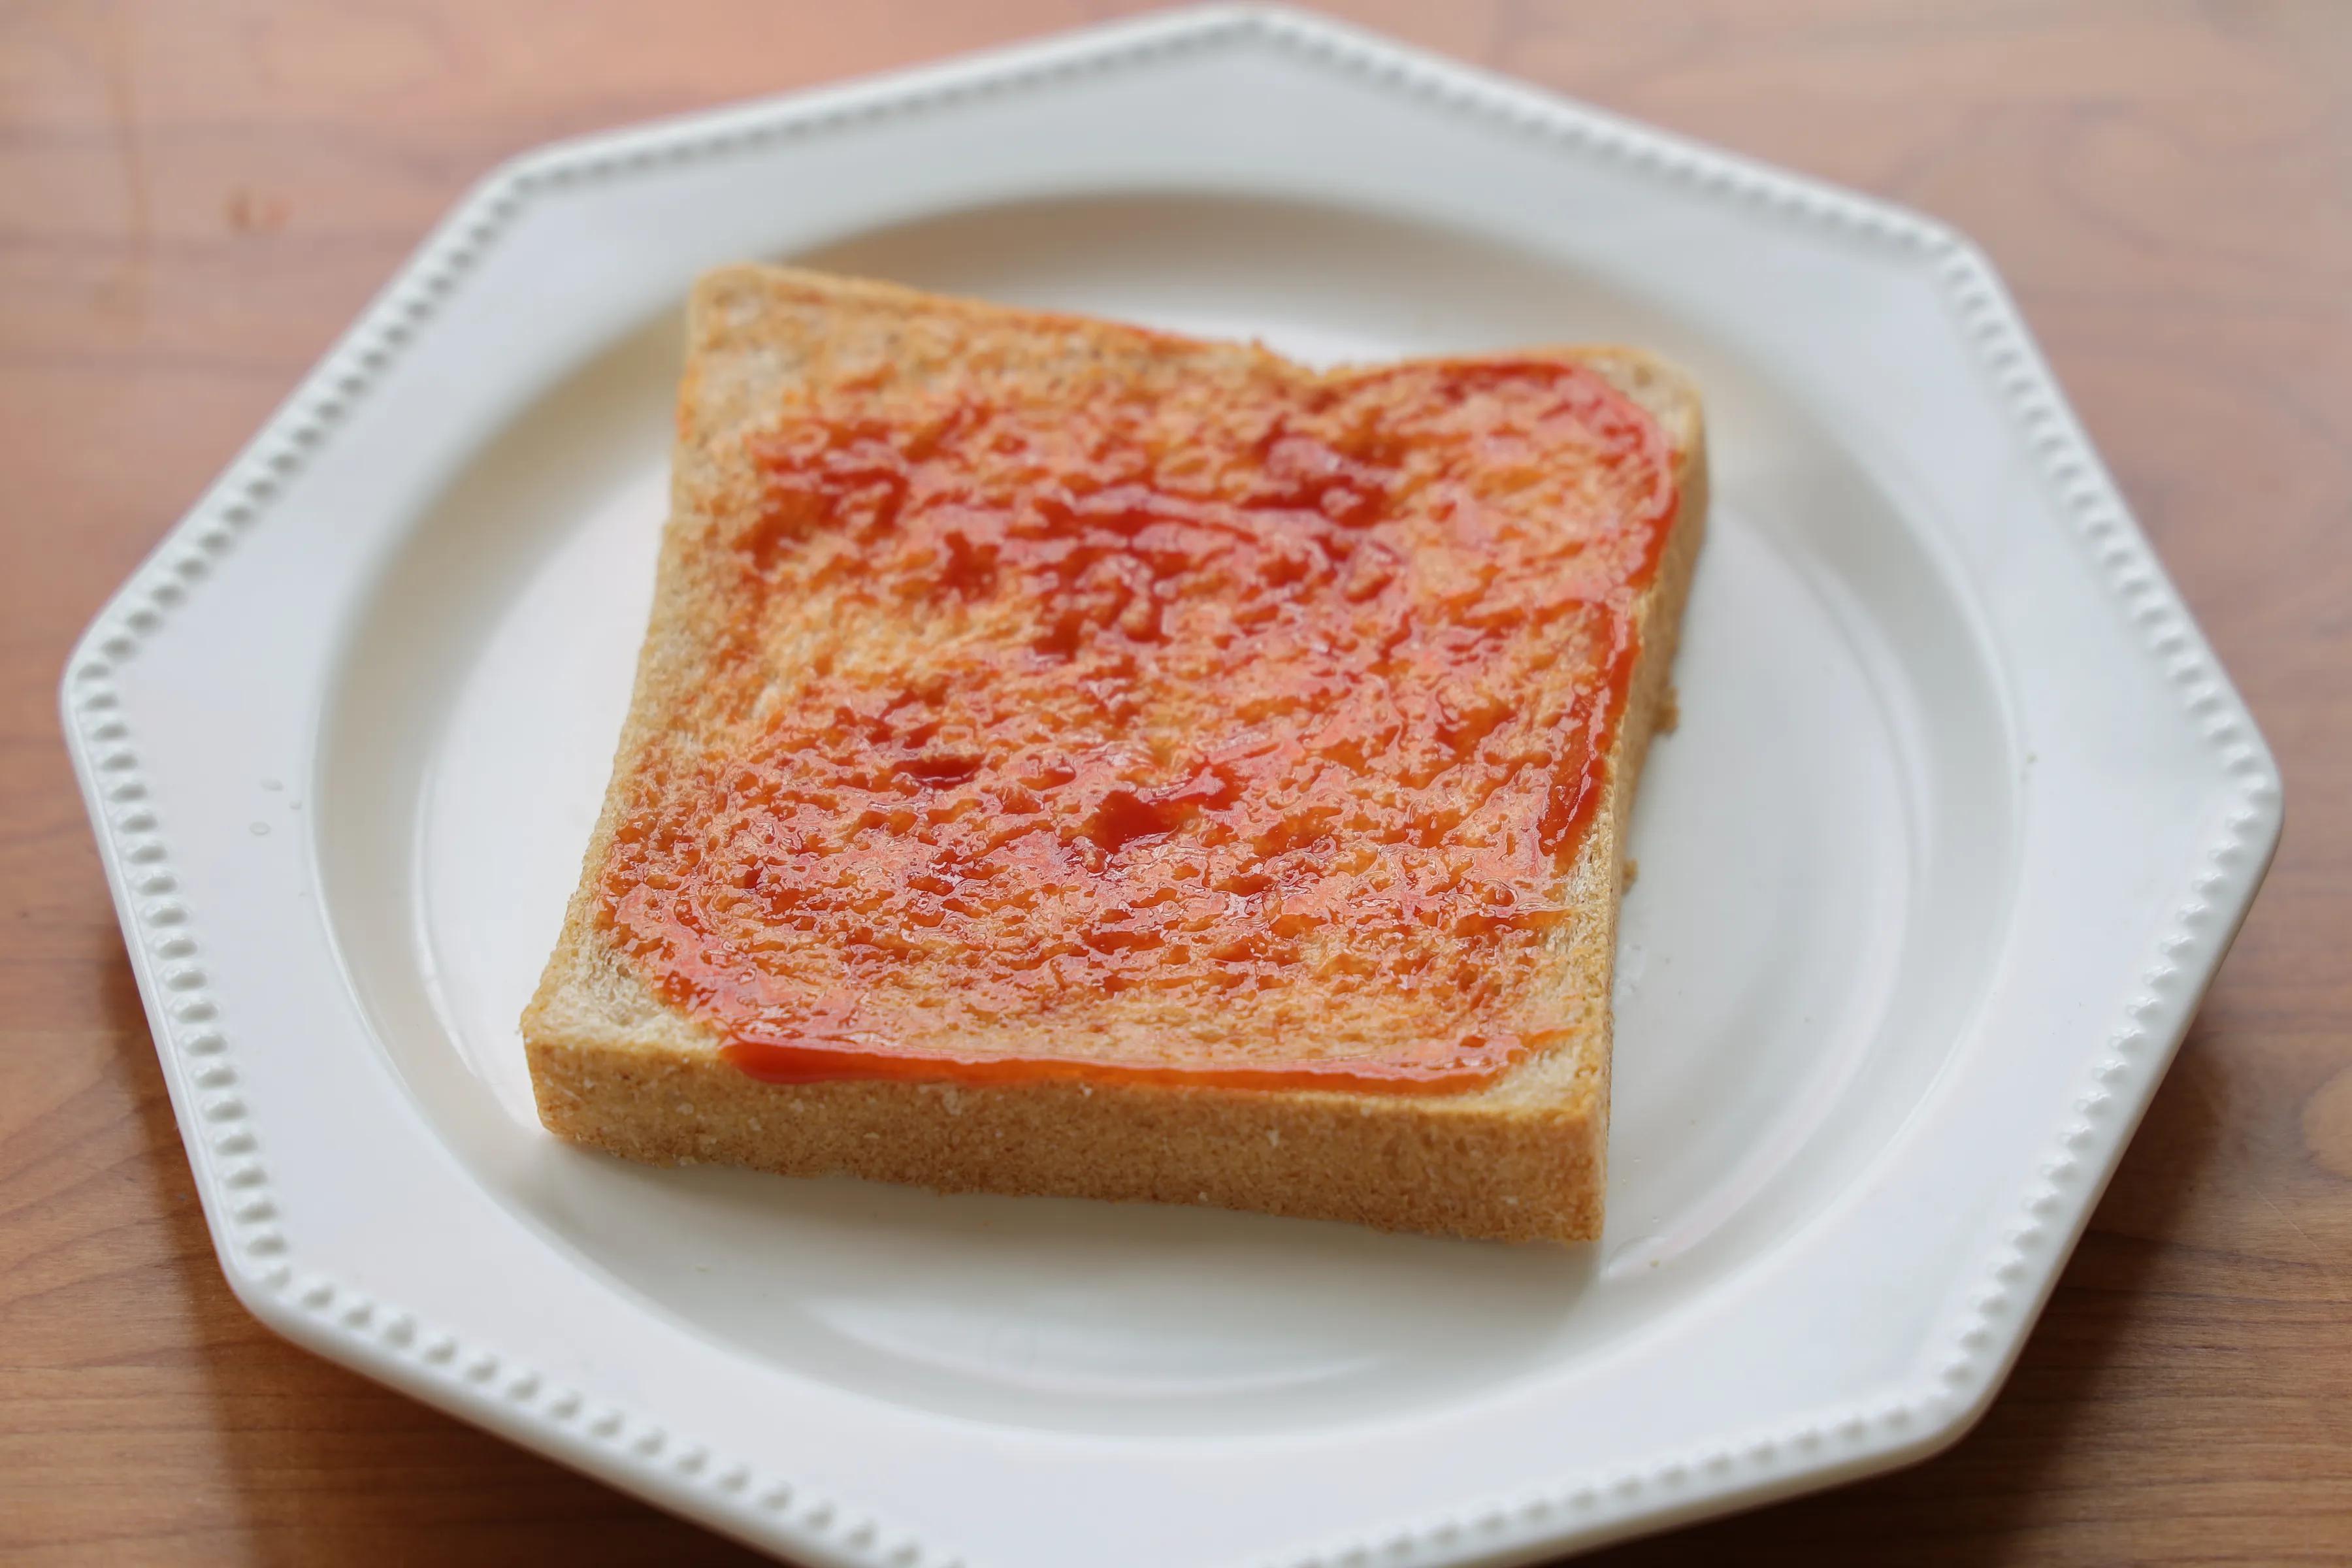 10分鐘就能做好的快手早餐,不用烤箱,不用平底鍋,微波爐就能做